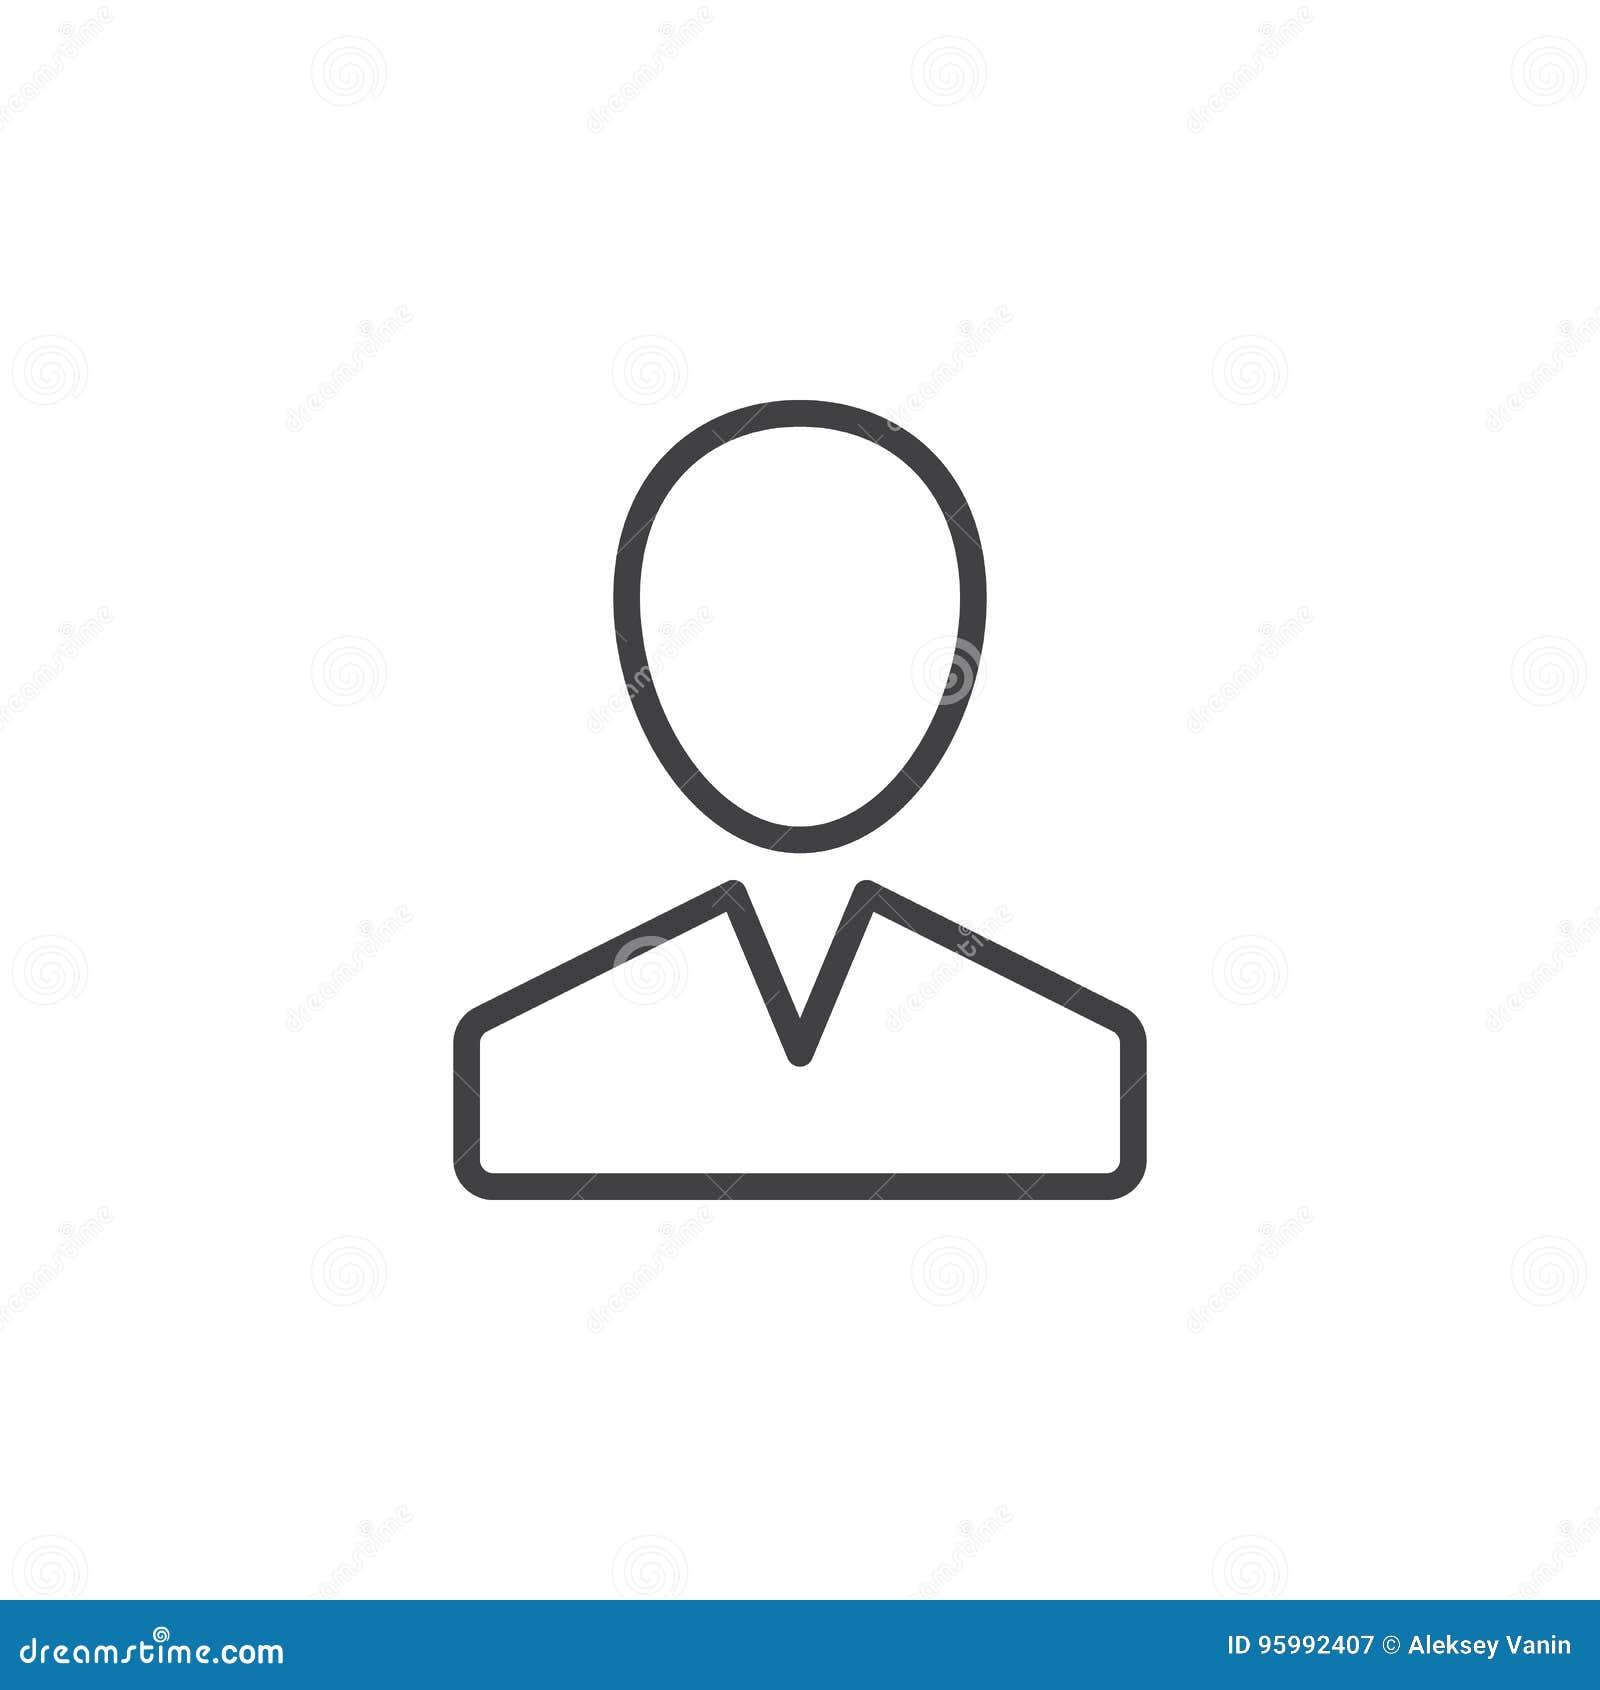 Χρήστης, εικονίδιο γραμμών προσώπων, διανυσματικό σημάδι περιλήψεων, γραμμικό εικονόγραμμα ύφους που απομονώνεται στο λευκό